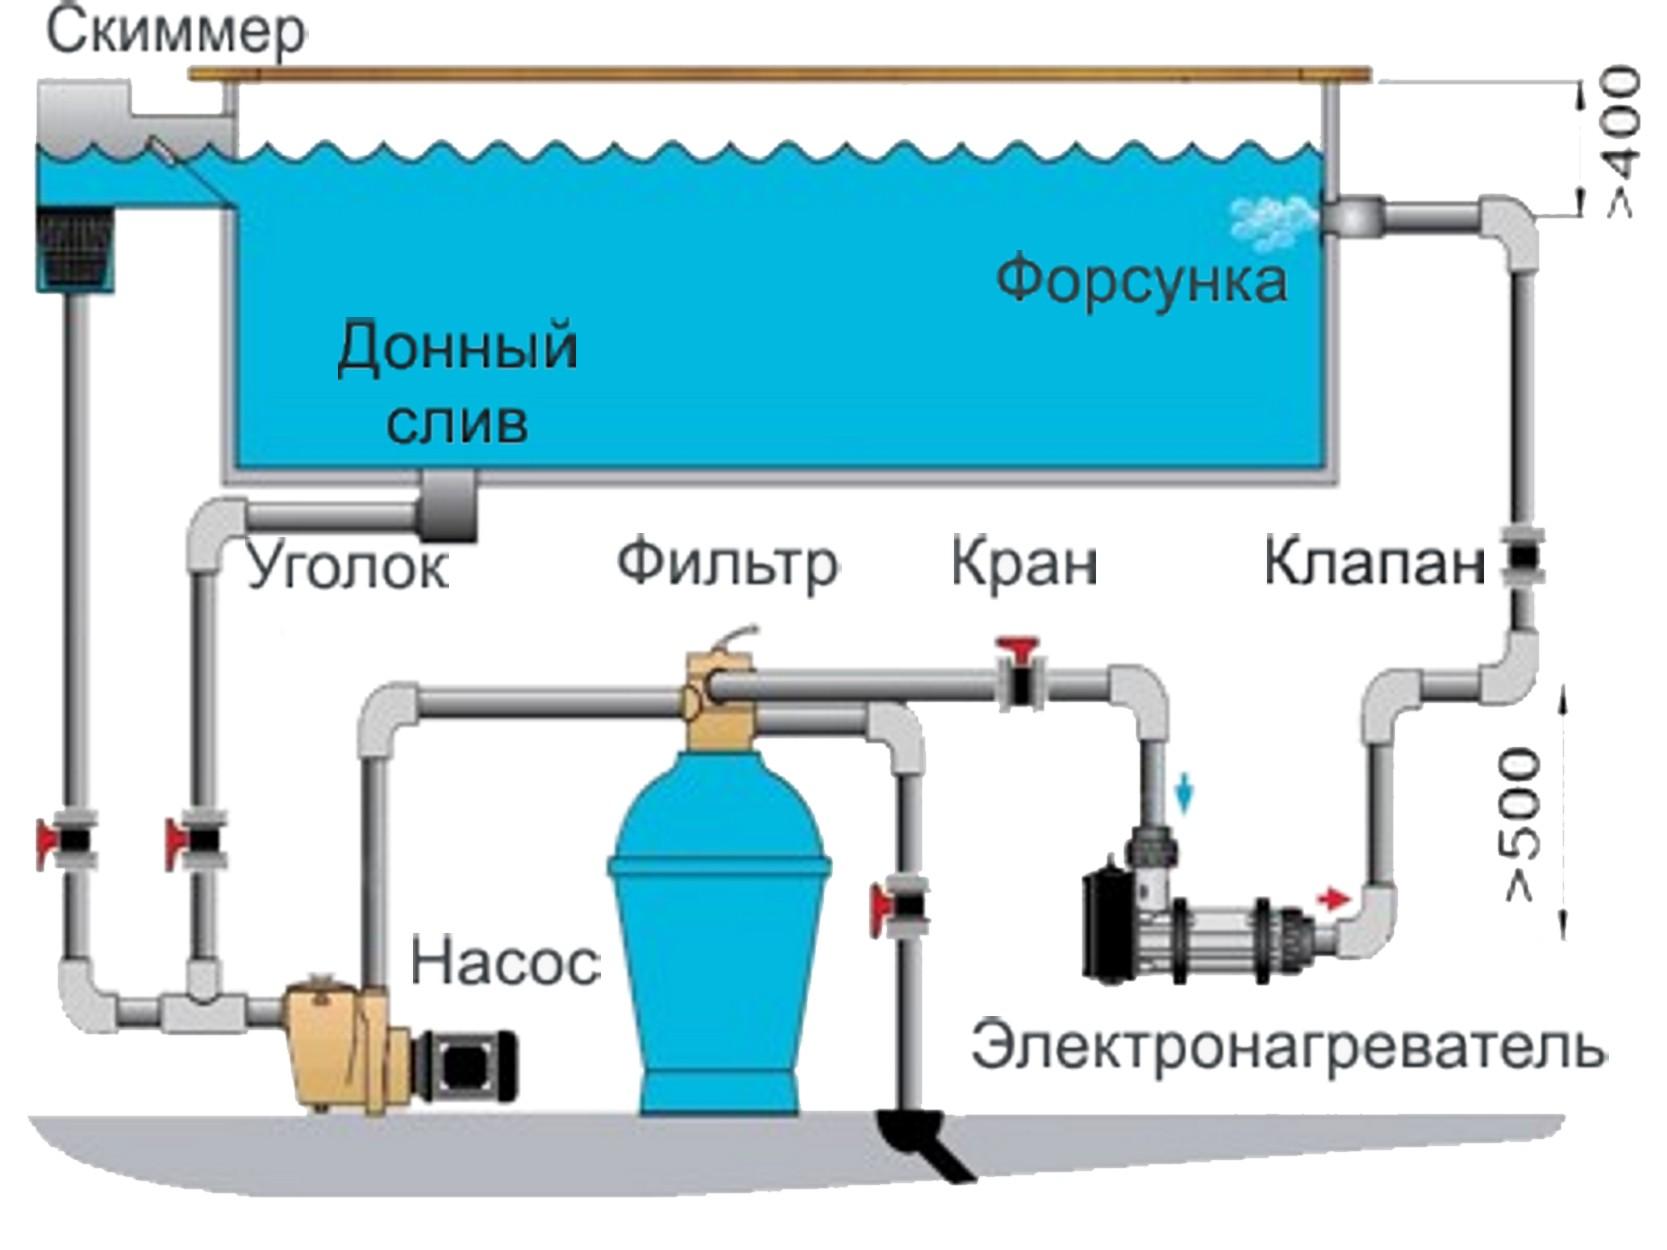 Схема монтажа теплообменника для бассейна Сварной пластинчатый теплообменник Машимпэкс (GEA) серии GEAFlex Химки